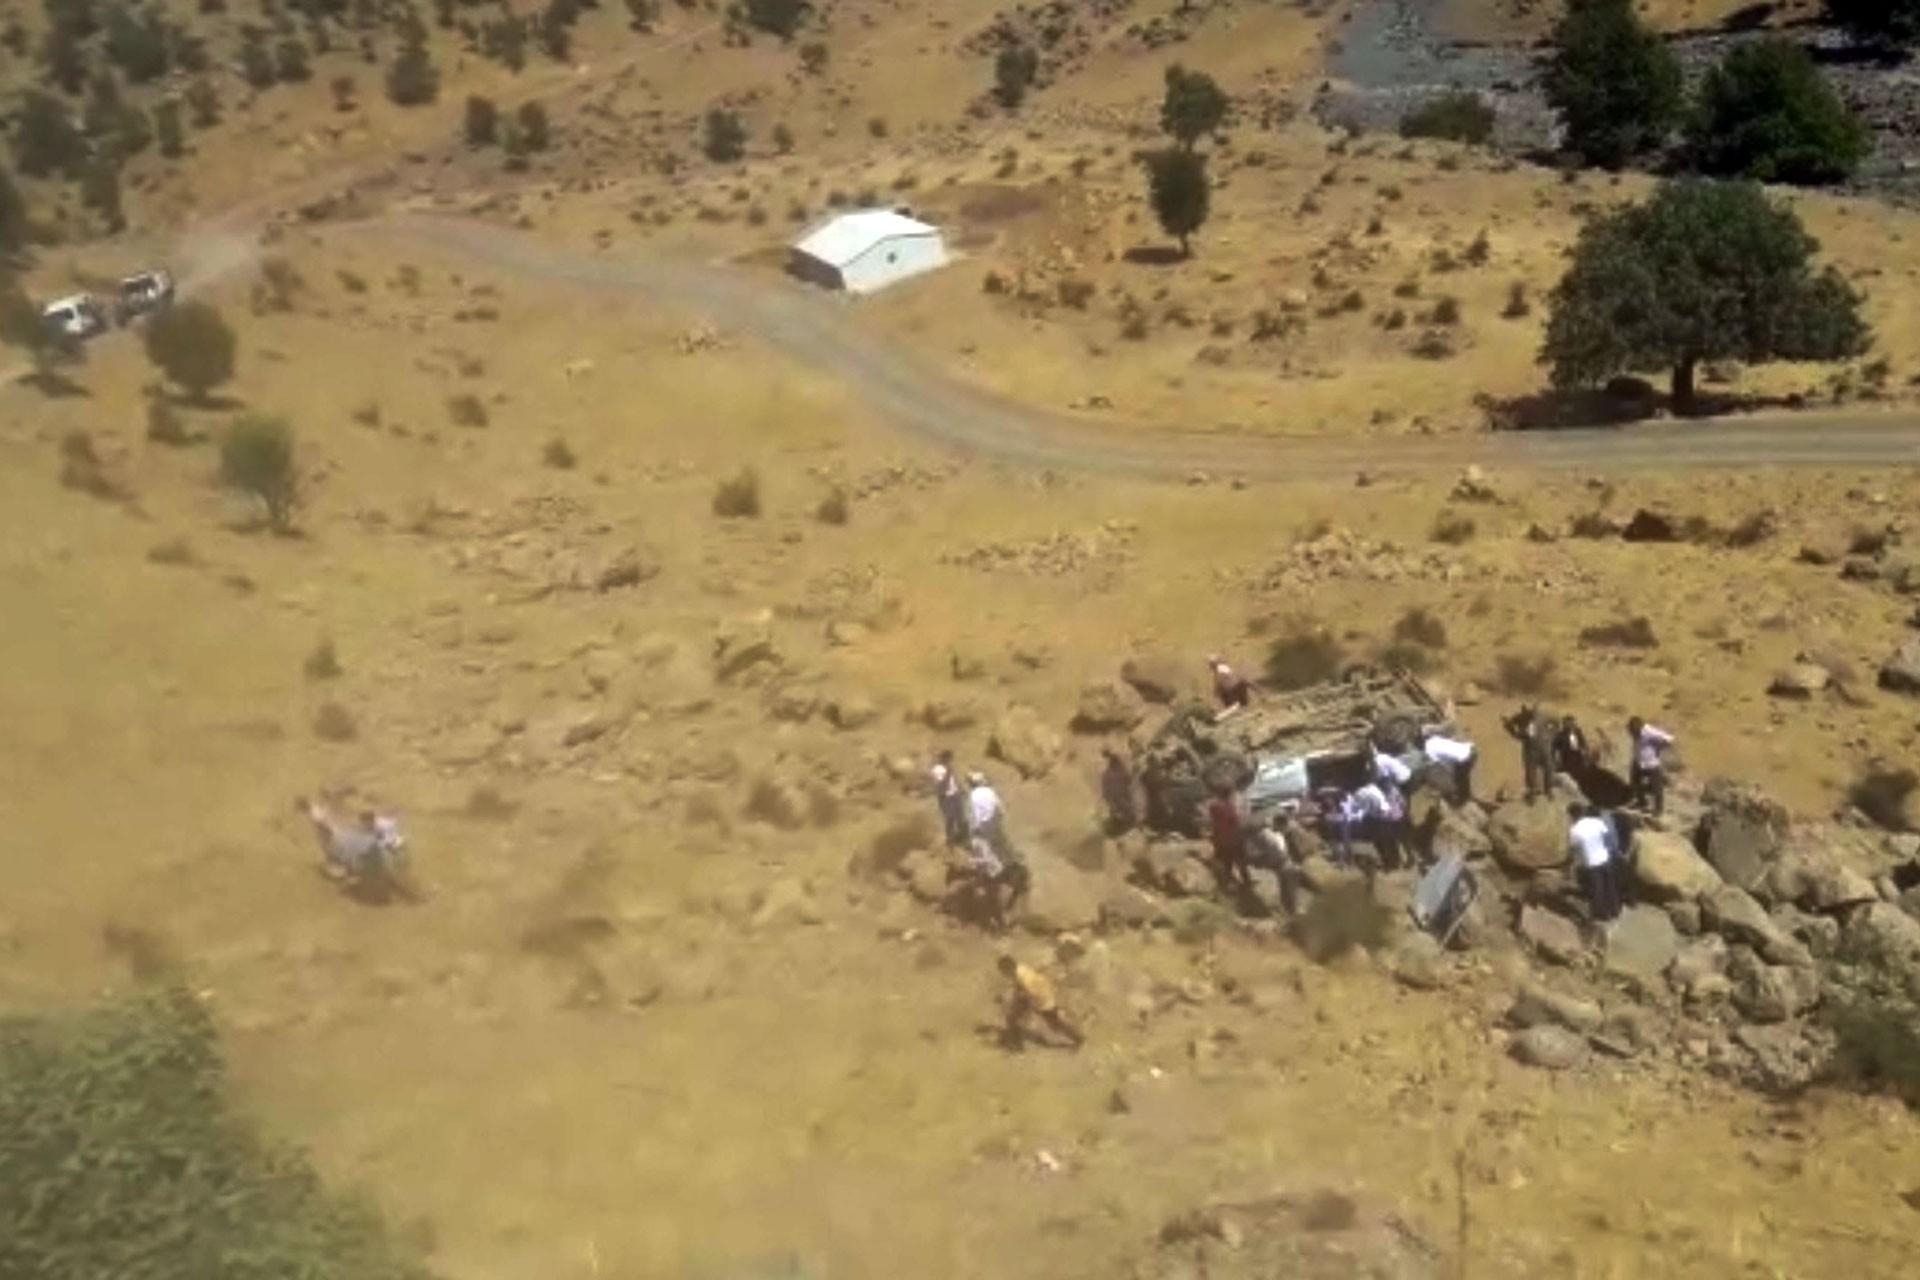 3 ilde okul servisleri kaza yaptı: 2 öğrenci yaşamını yitirdi, 13 kişi yaralandı